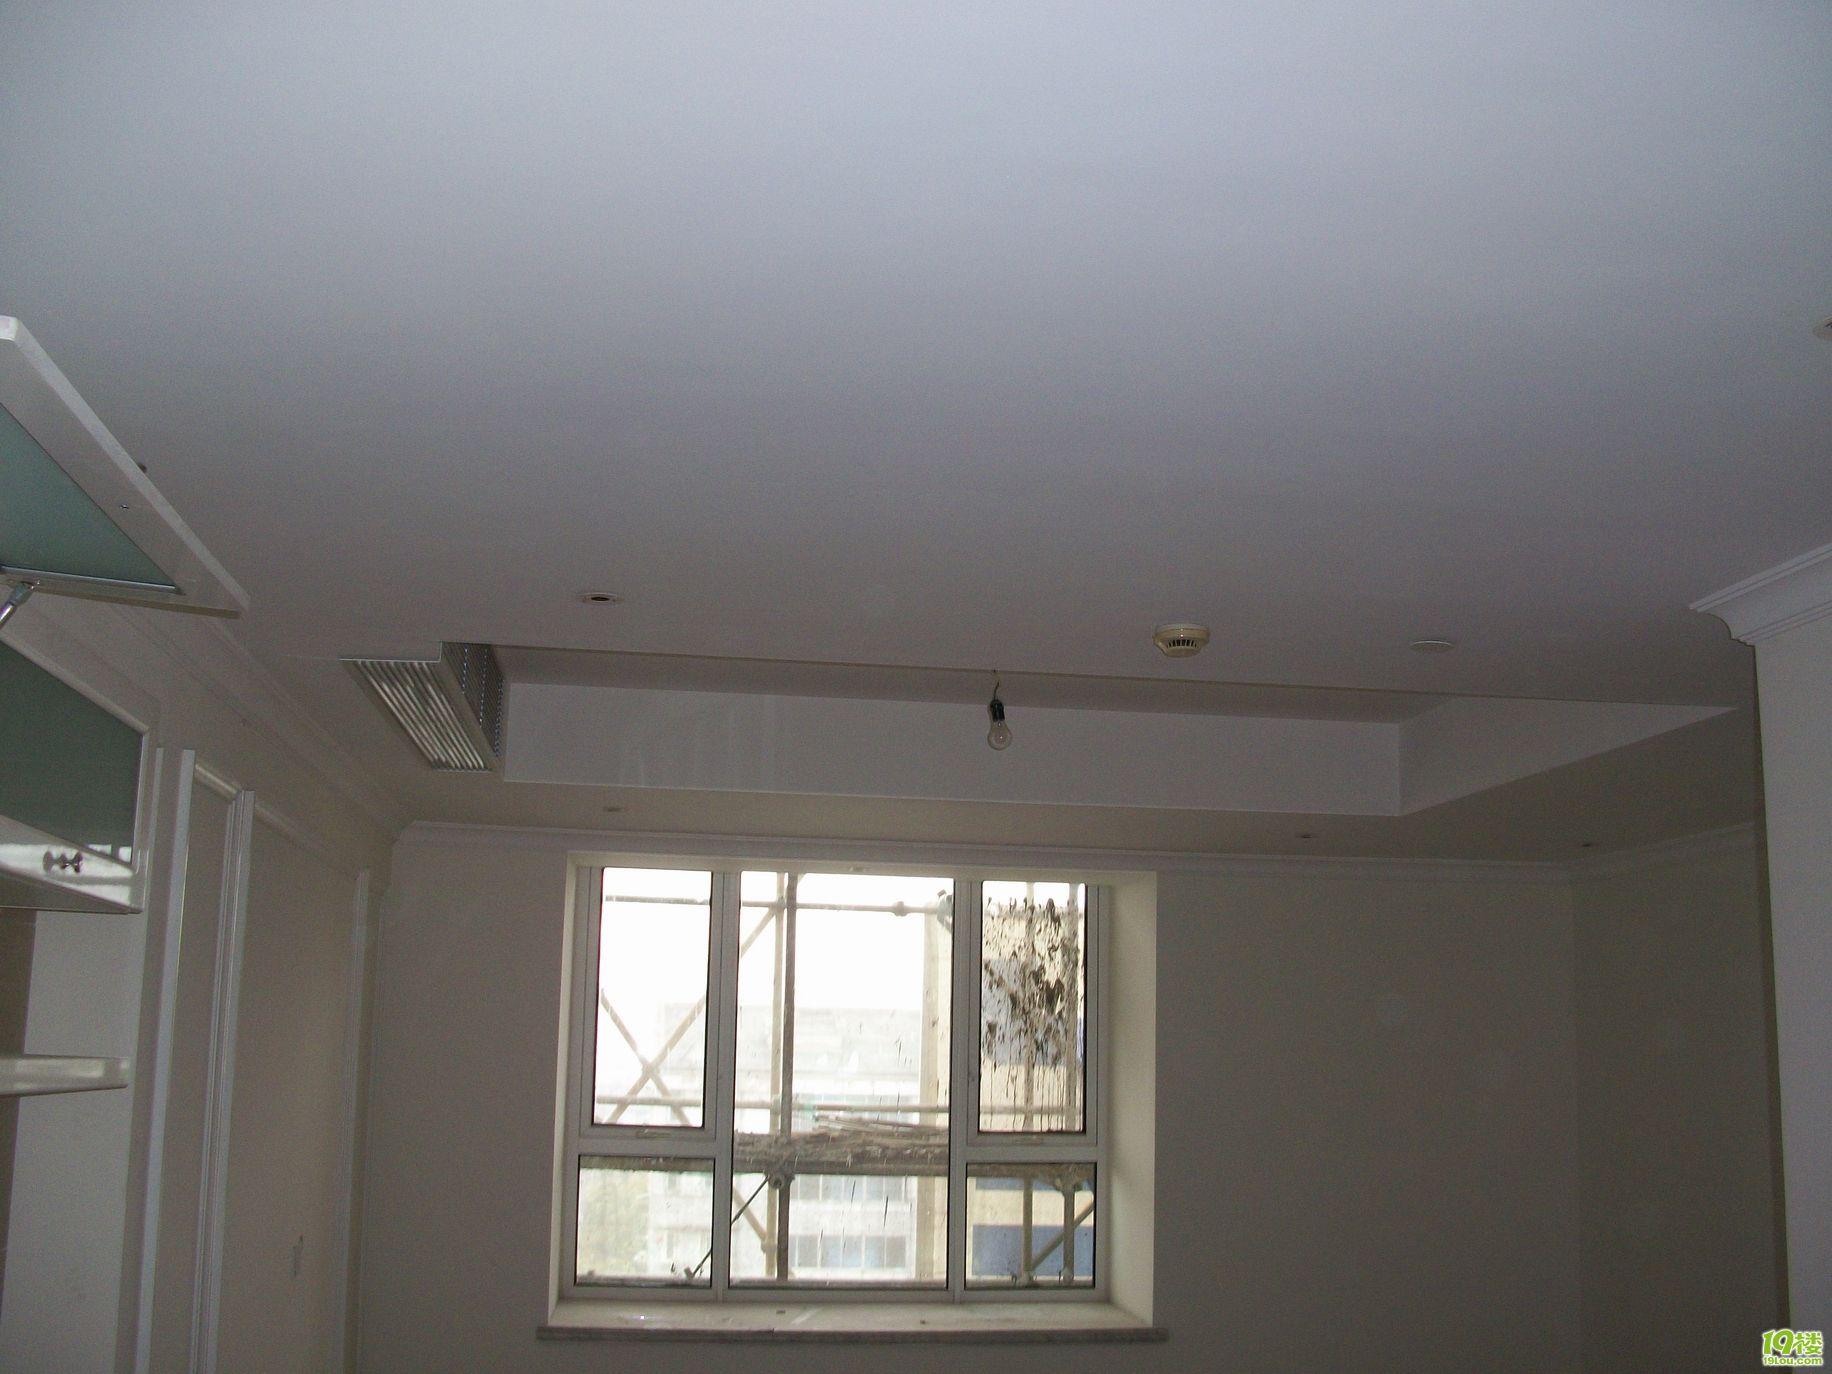 2级吊顶图片-最新2级吊顶图片大全-古代门窗图片大全